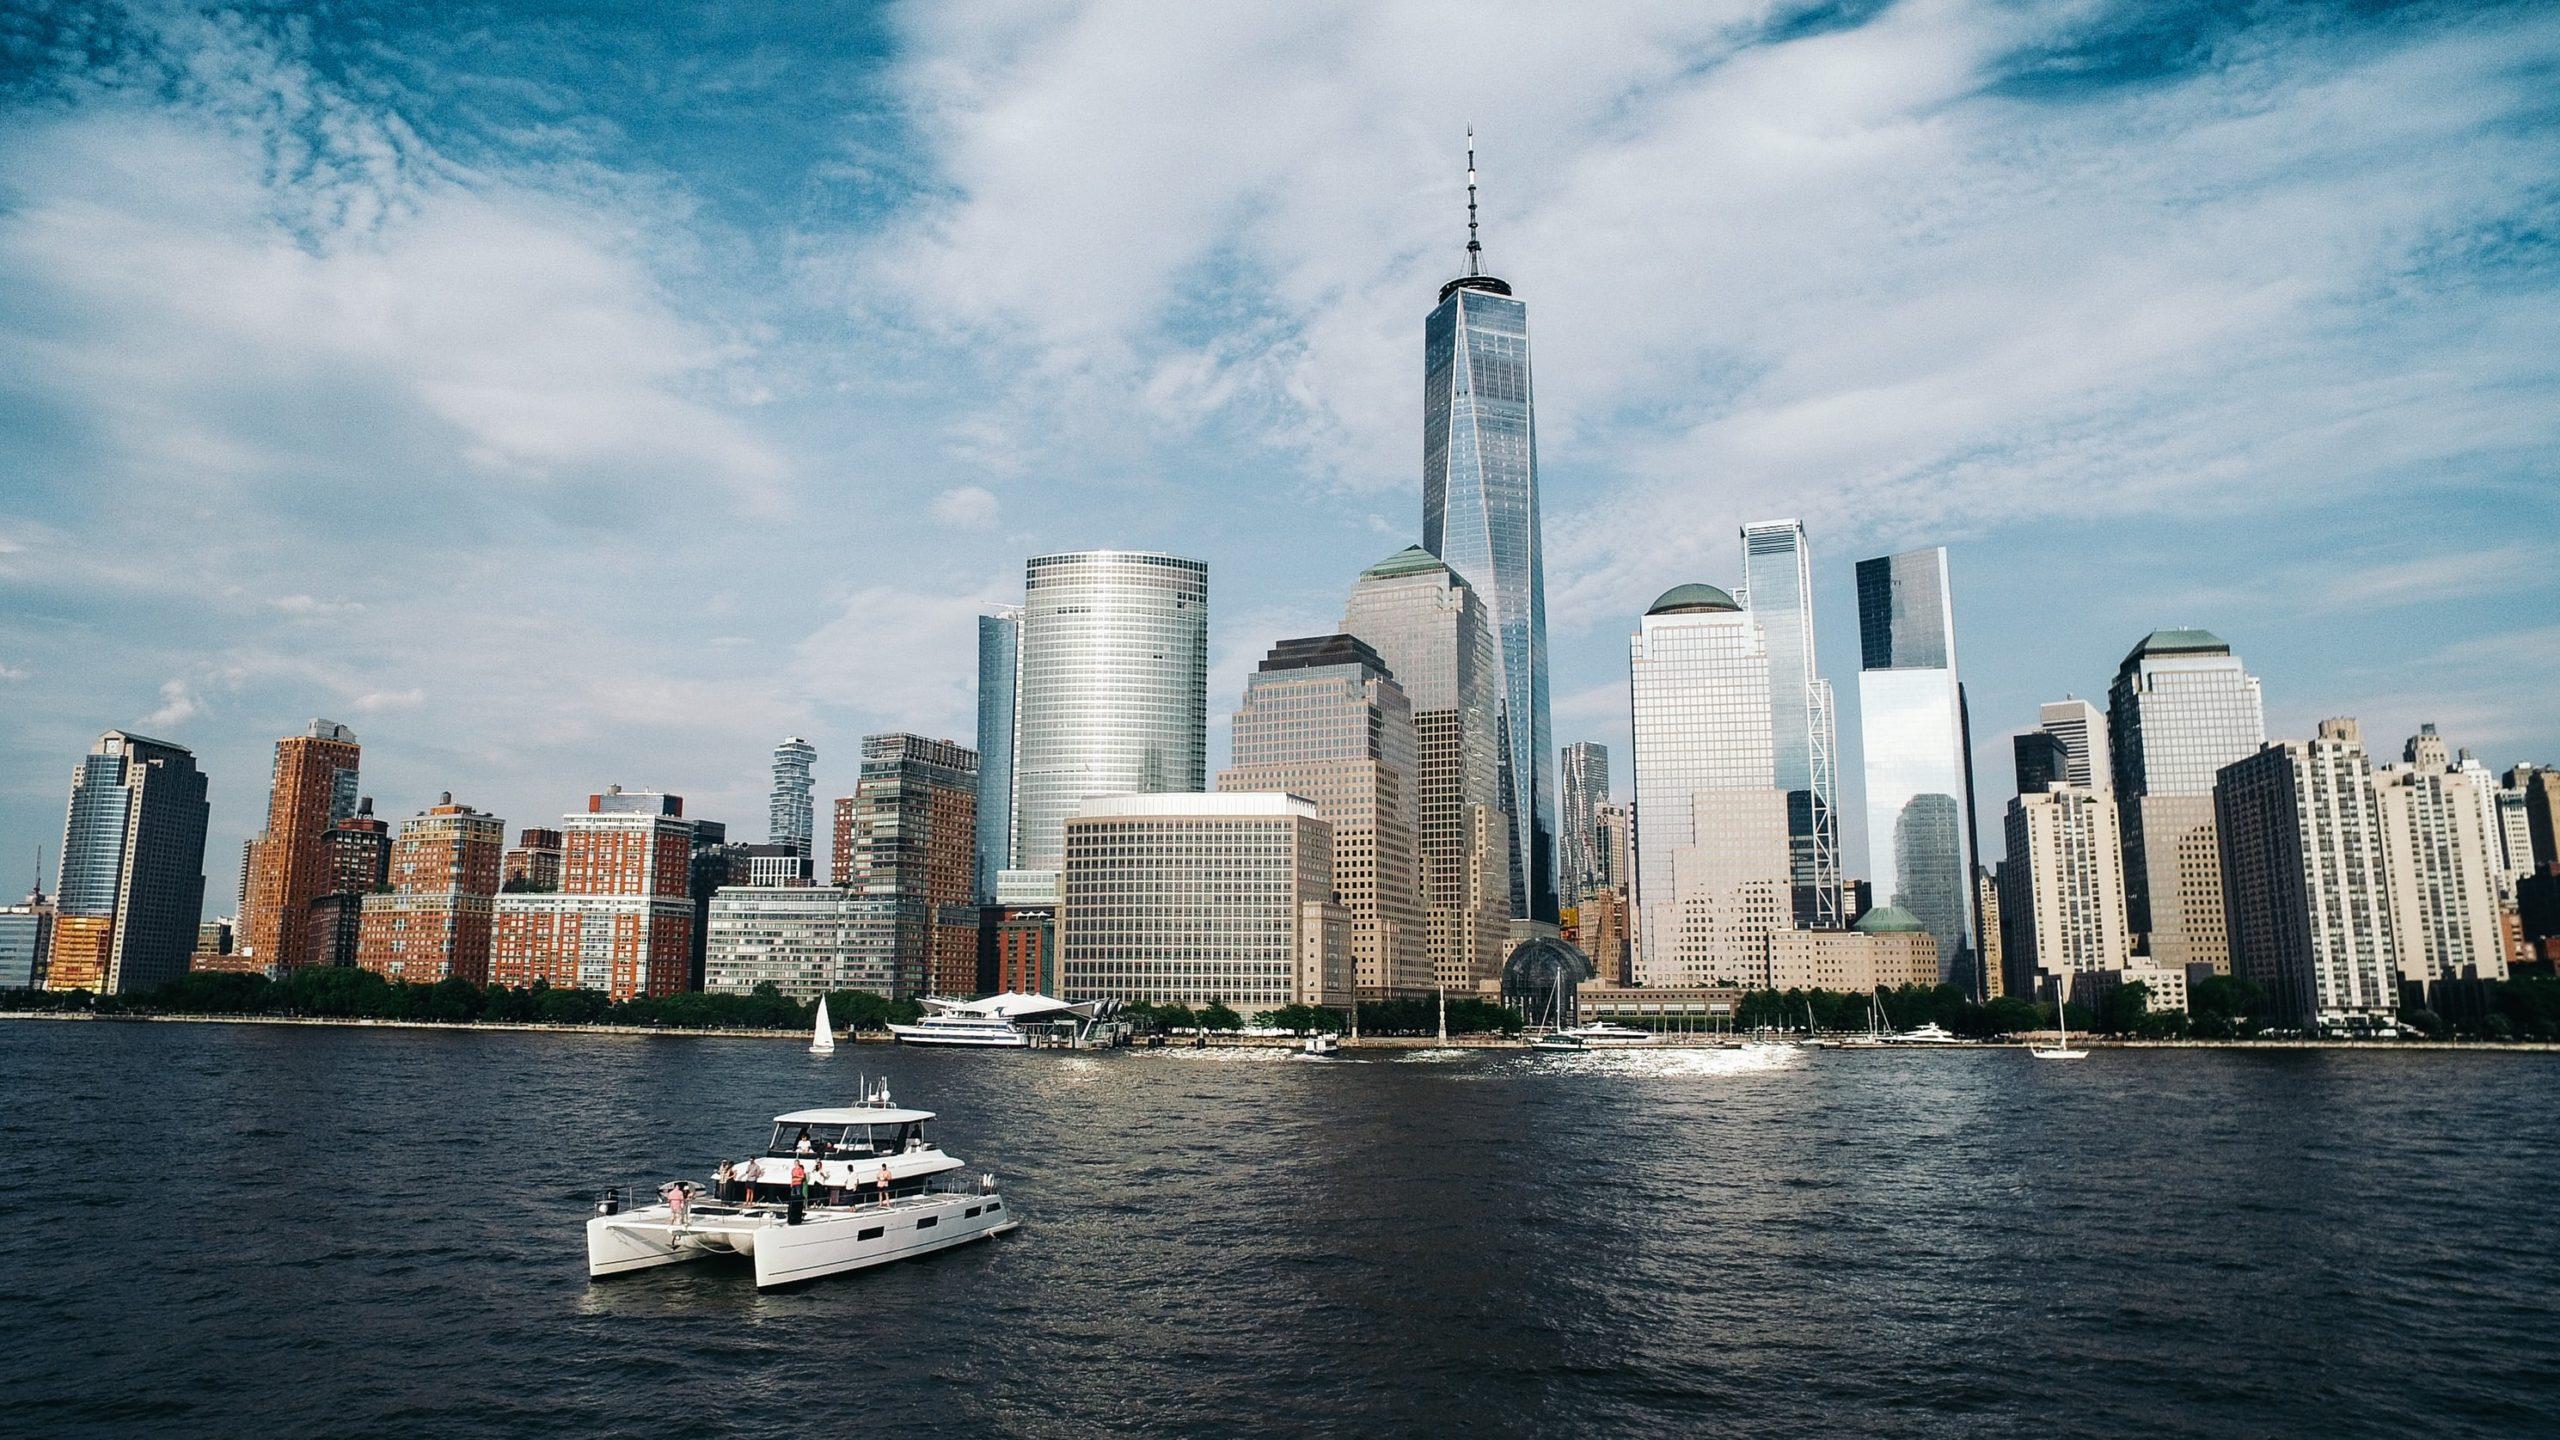 Lower Manhattan als Zentrum der US-Finanzindustrie - Aktienmärkte steigen